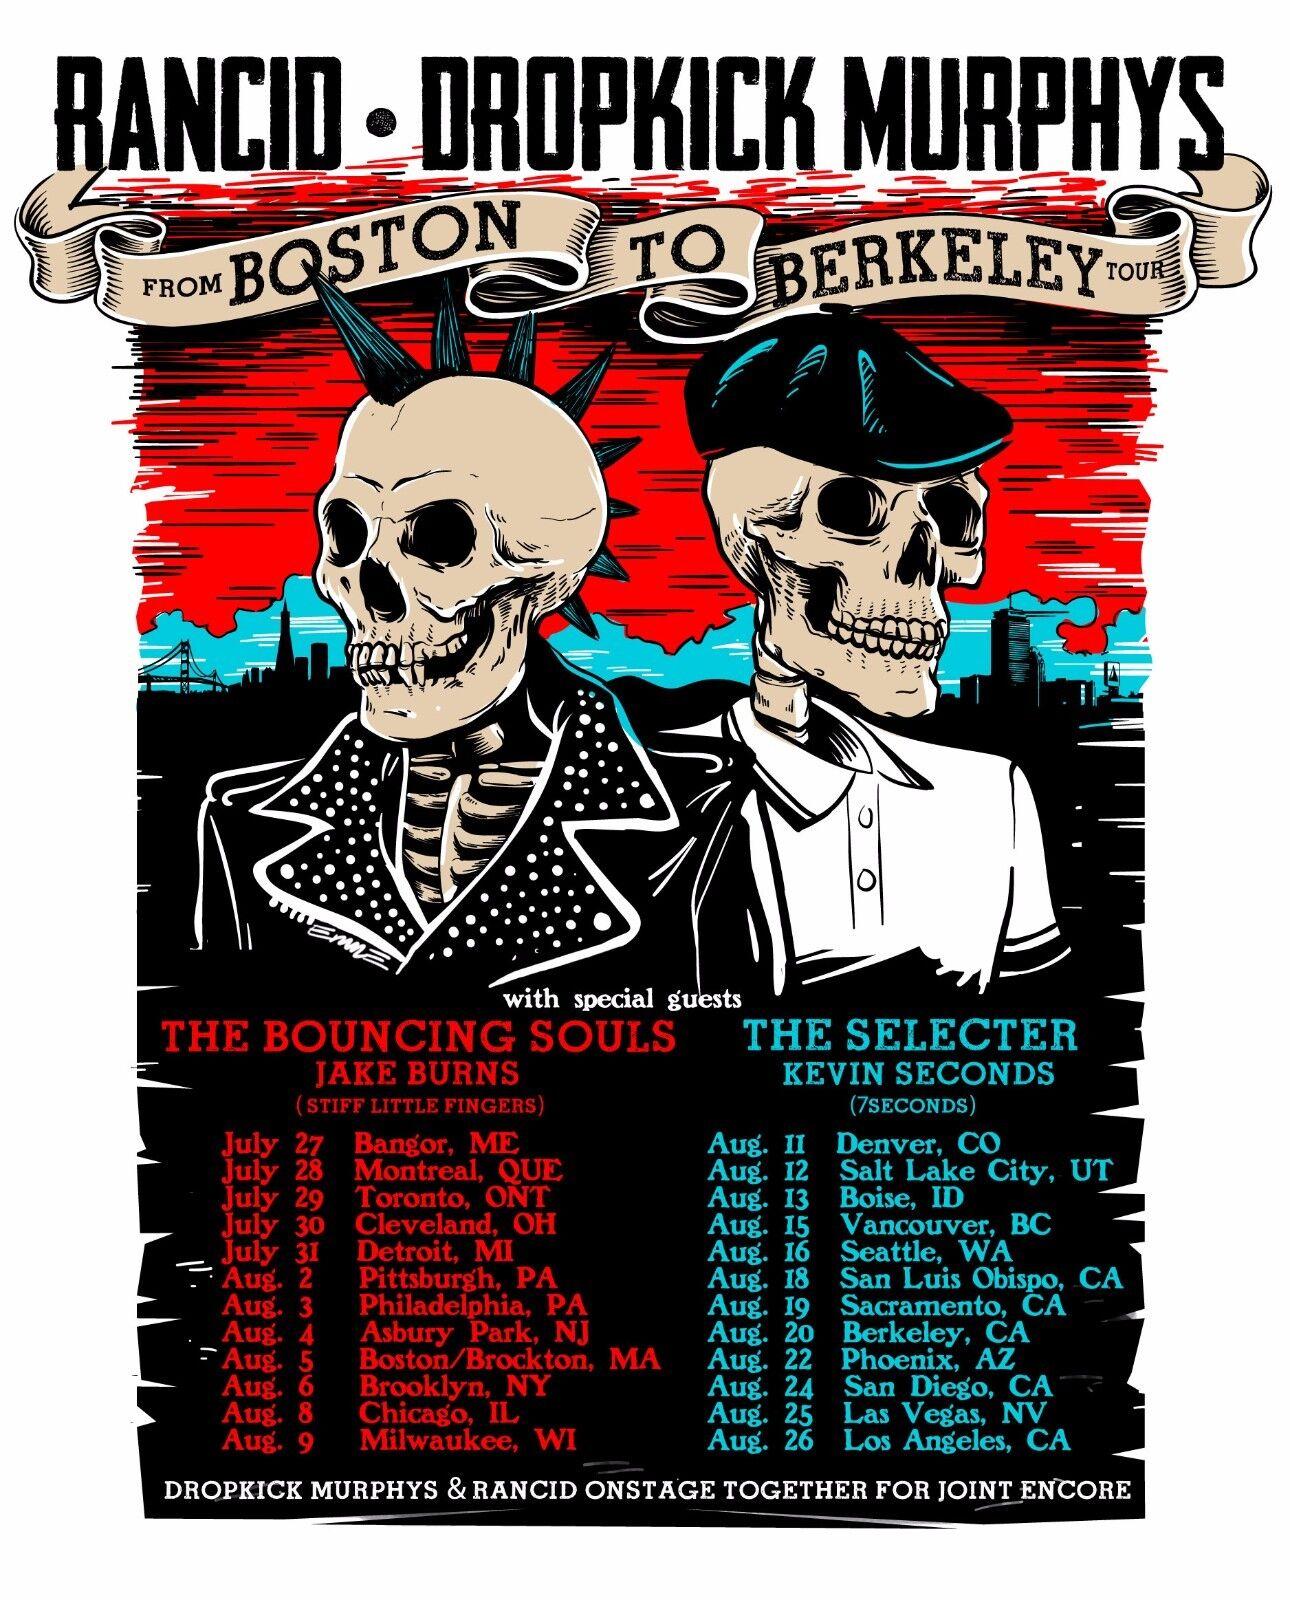 RANCID /DROPKICK MURPHYS 2017 NORTH AMERICAN CONCERT TOUR POSTER-Ska/Celtic Punk - $11.99